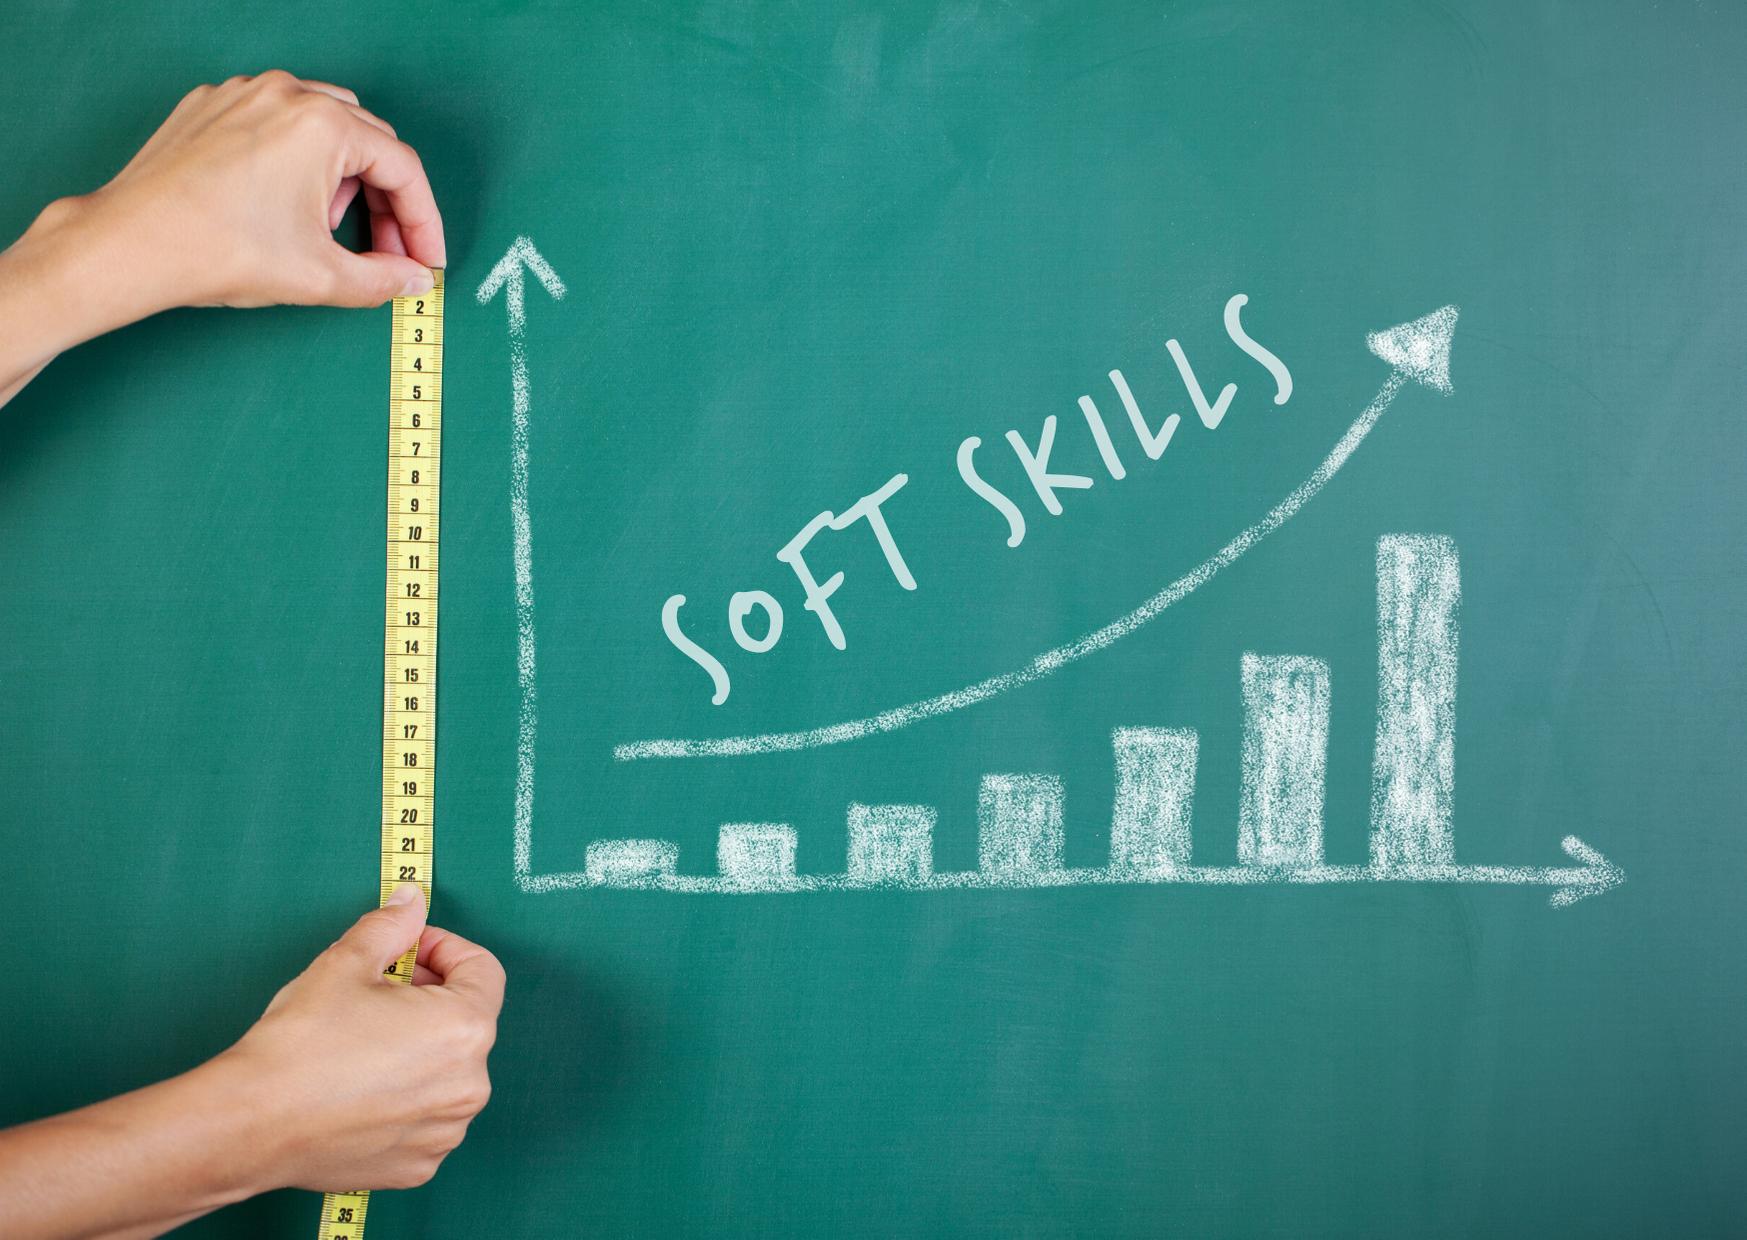 Soft skills - kuinka mitata pehmeitä taitoja rekrytoinnissa